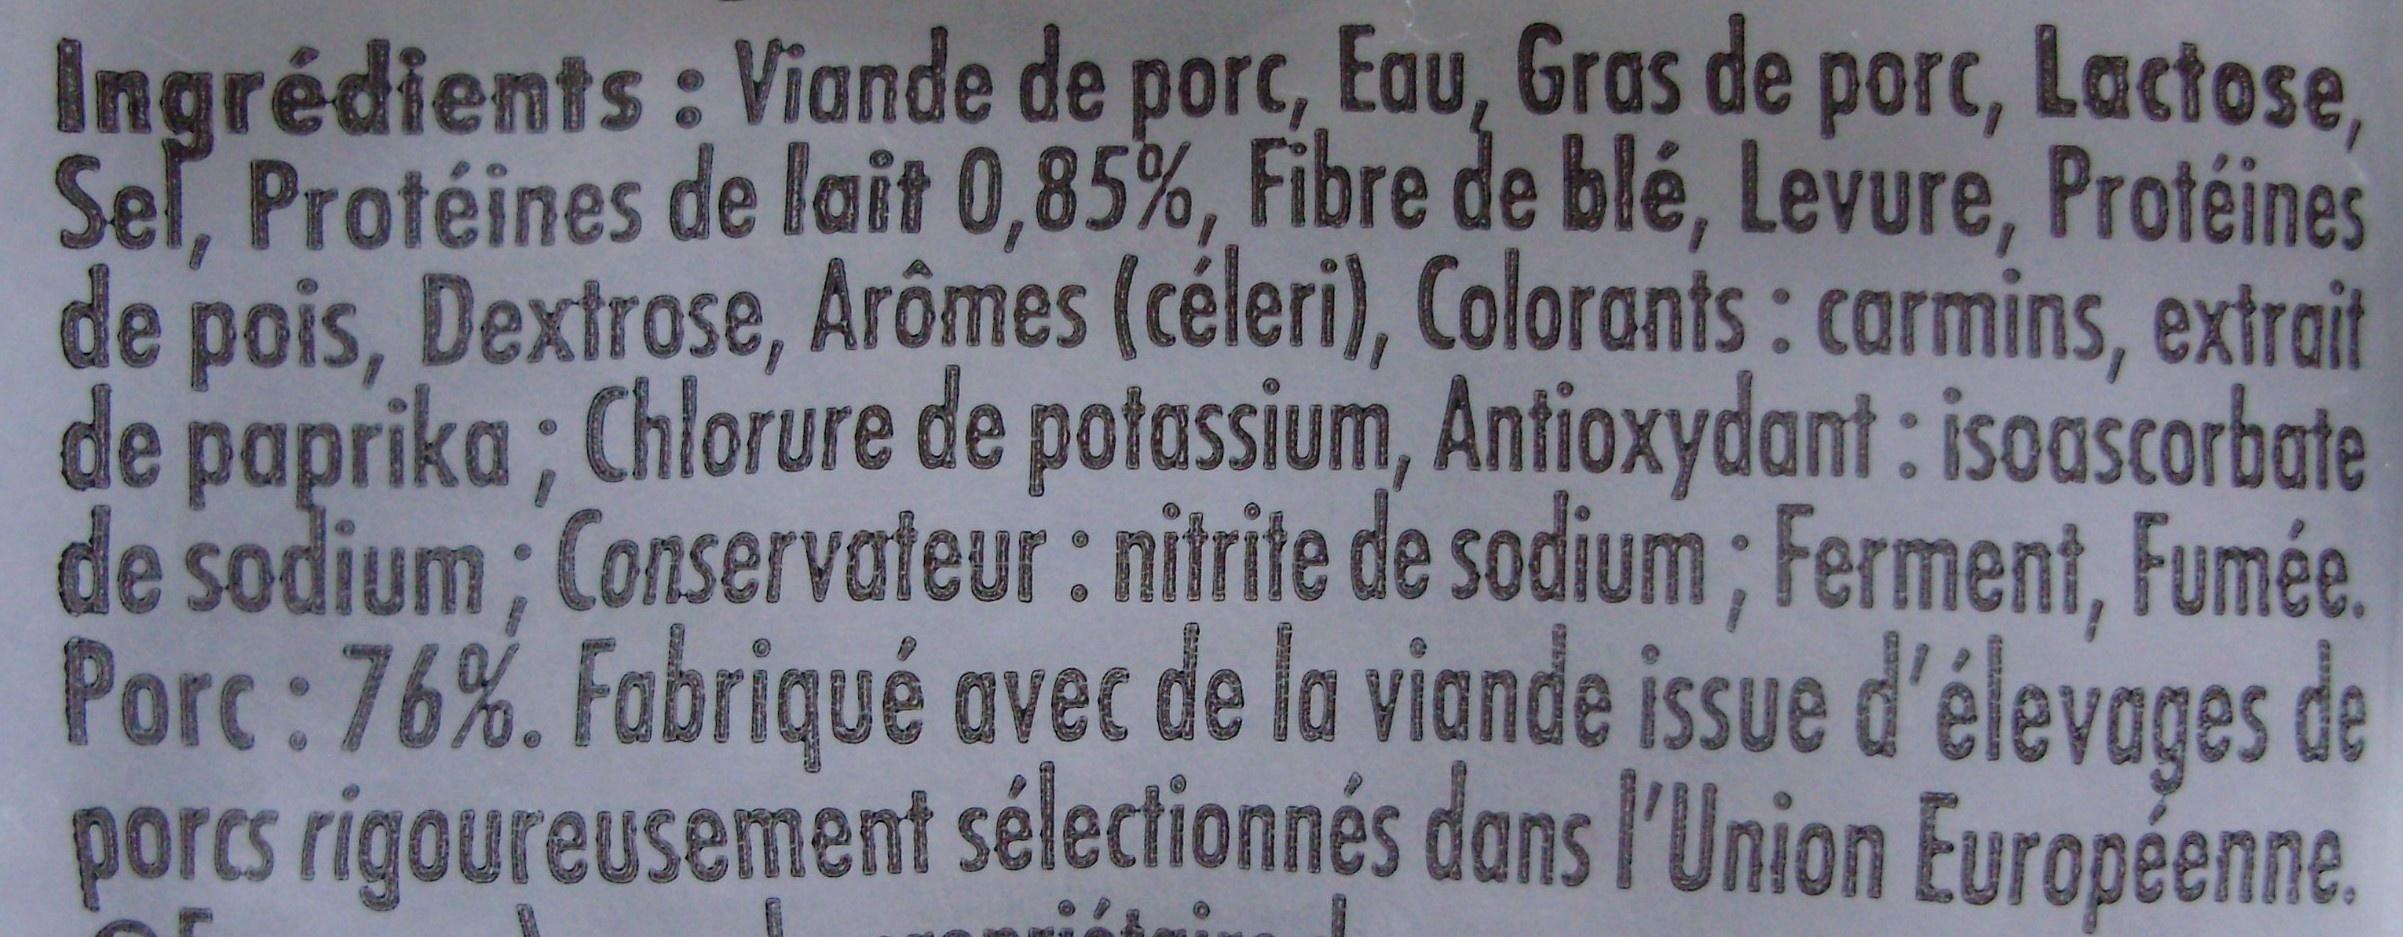 4 Original Knacki, 100 % Pur Porc (- 25 % de Sel) - Ingrédients - fr